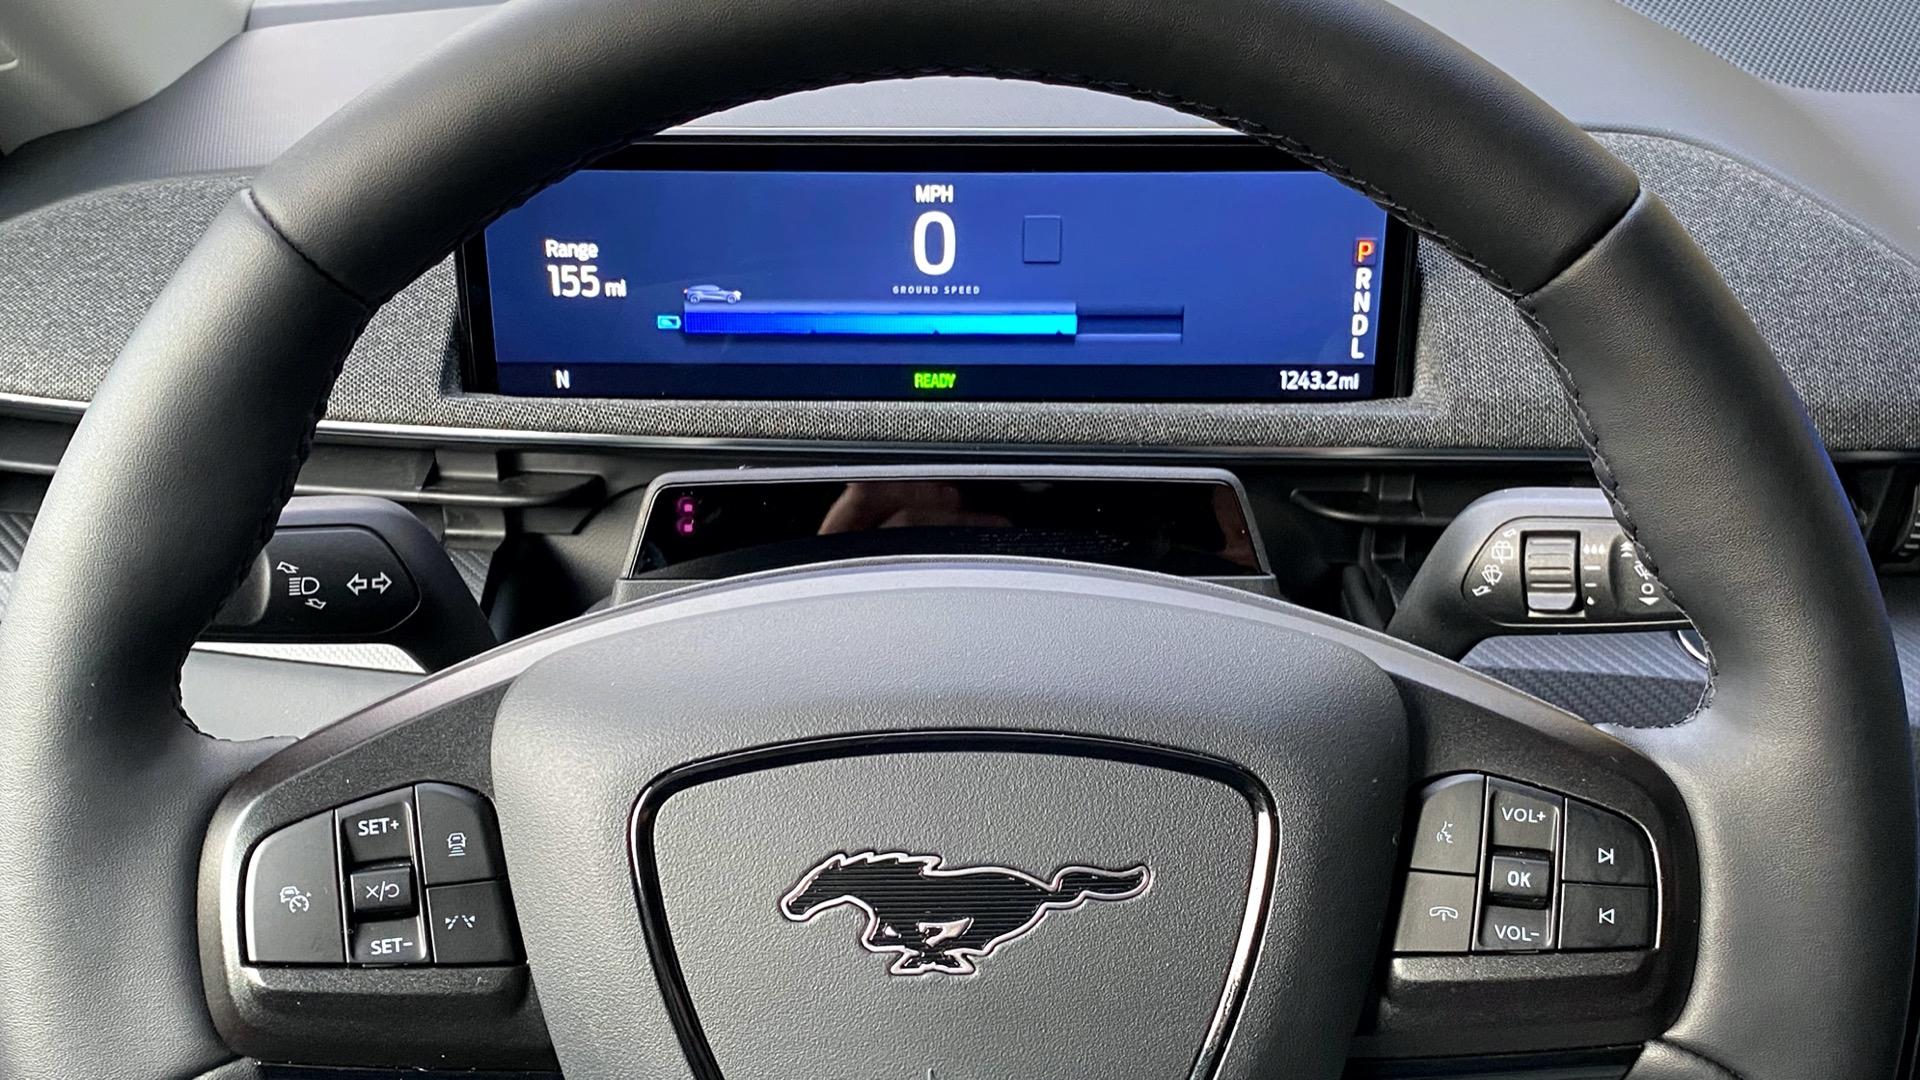 صورة لوحة القيادة اللي هي طبلون الموستنج الكهربائية 2021